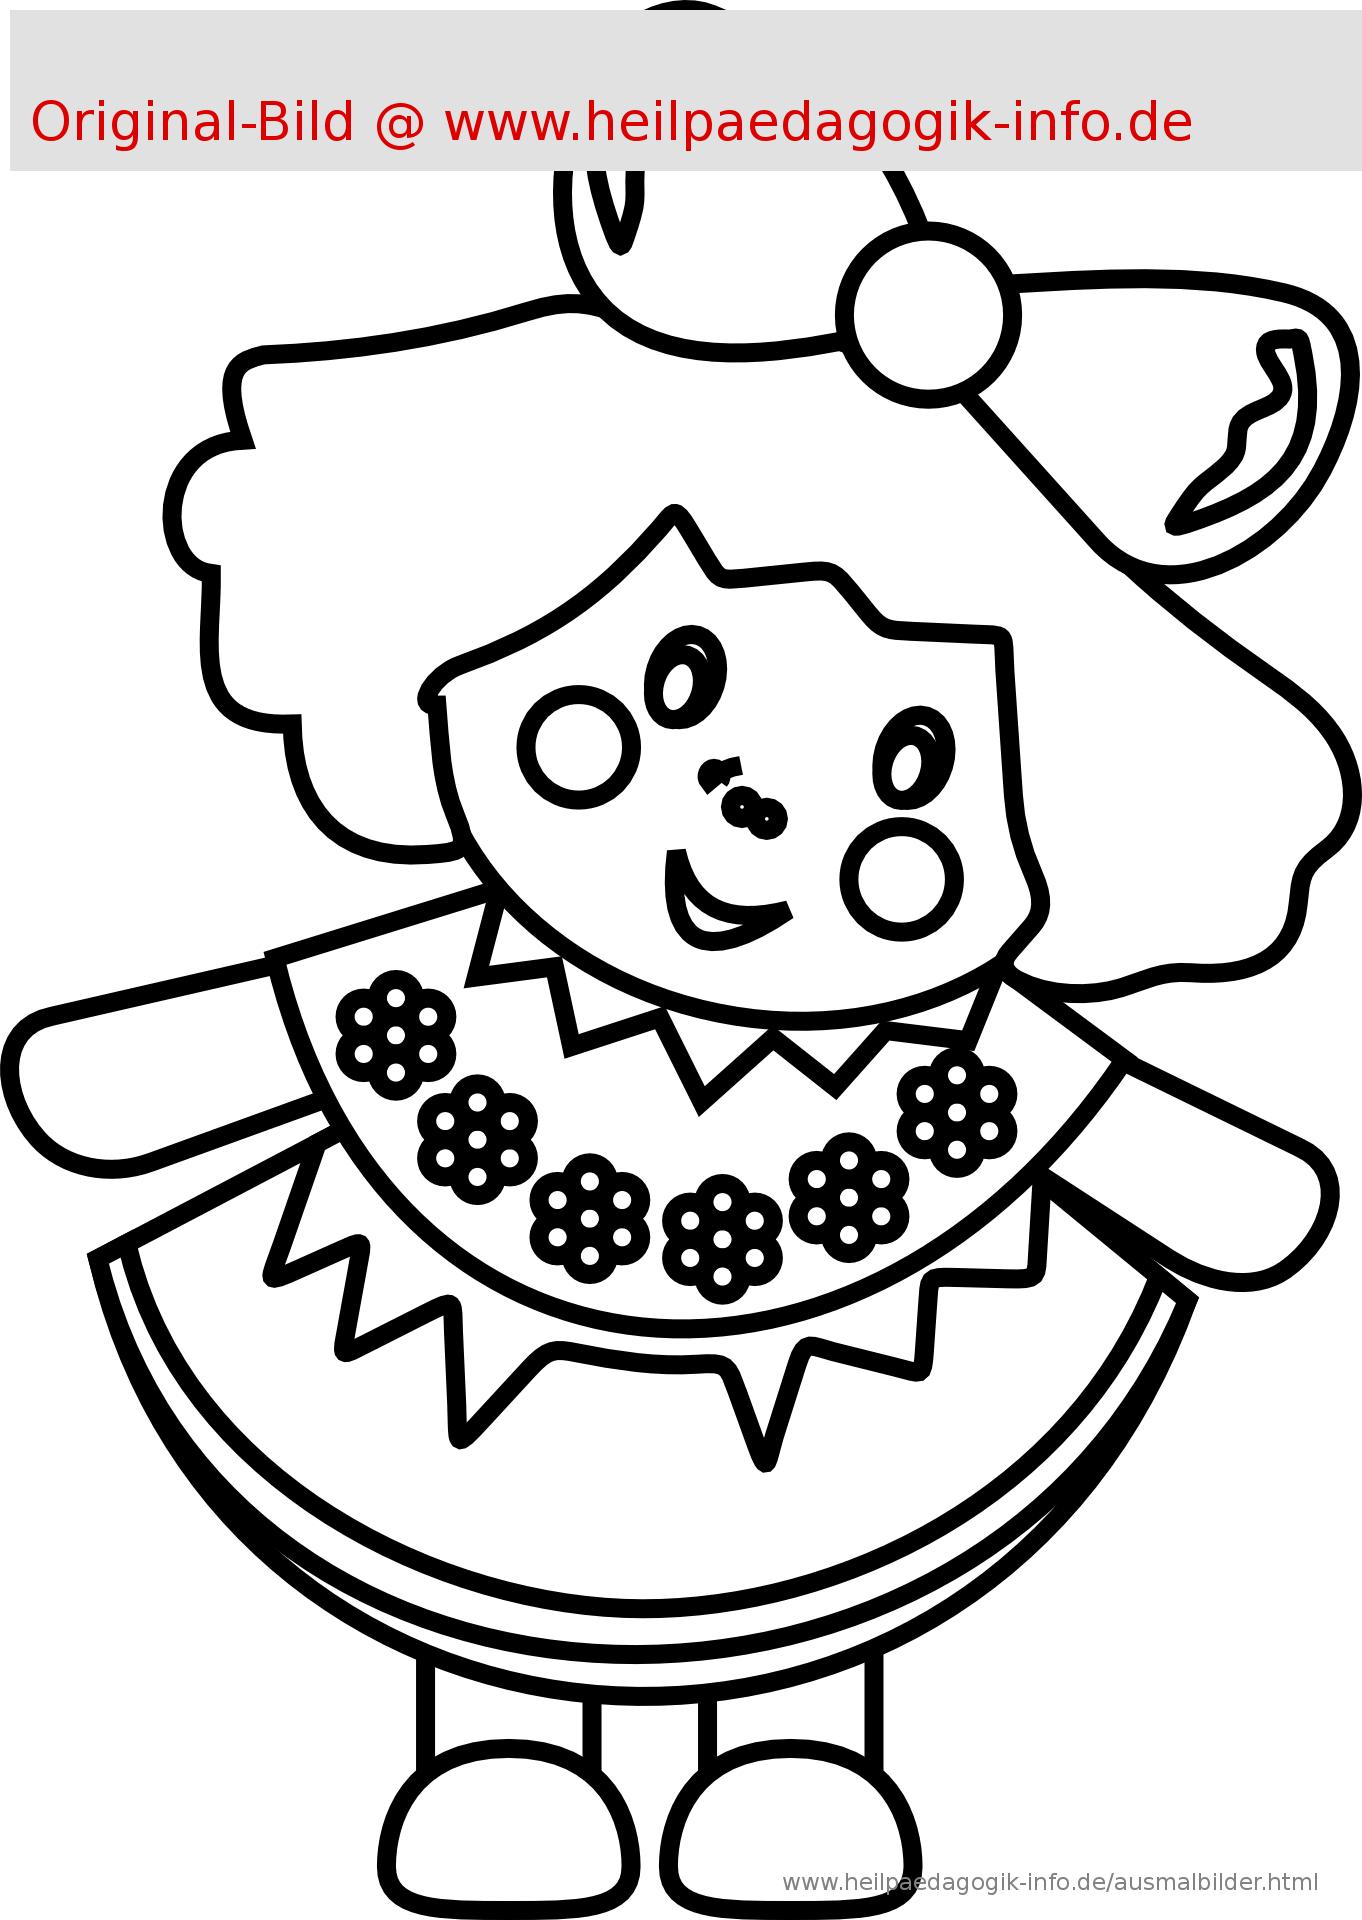 Malvorlage Spielzeug Ball Auto Puppe | Coloring And Malvorlagan verwandt mit Ausmalbilder Puppe